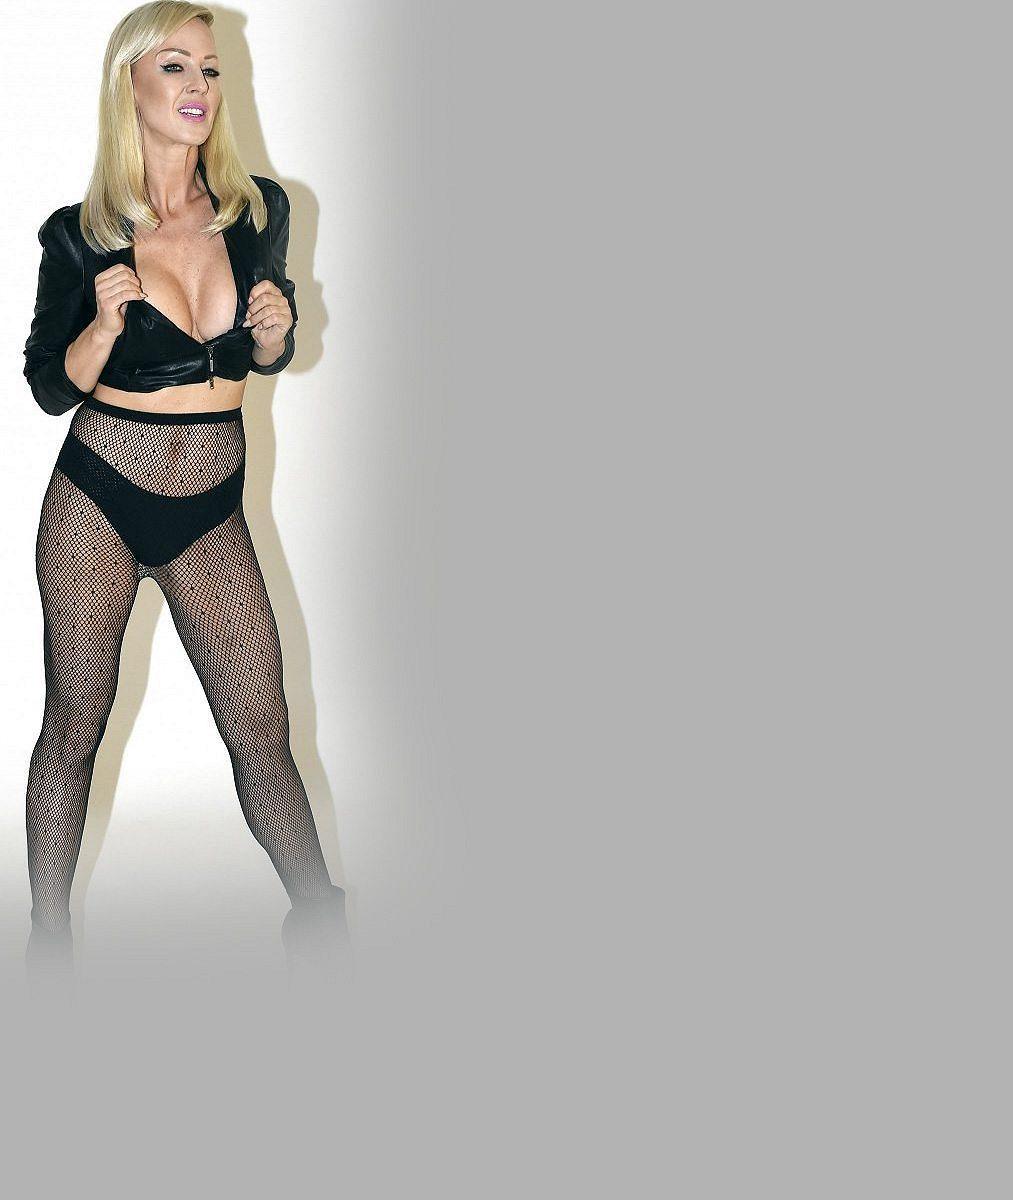 Dvojnásobná mamina oslnila Miami: Bývalá moderátorka lechtivého Peříčka se pochlubila perfektním tělíčkem v plavkách